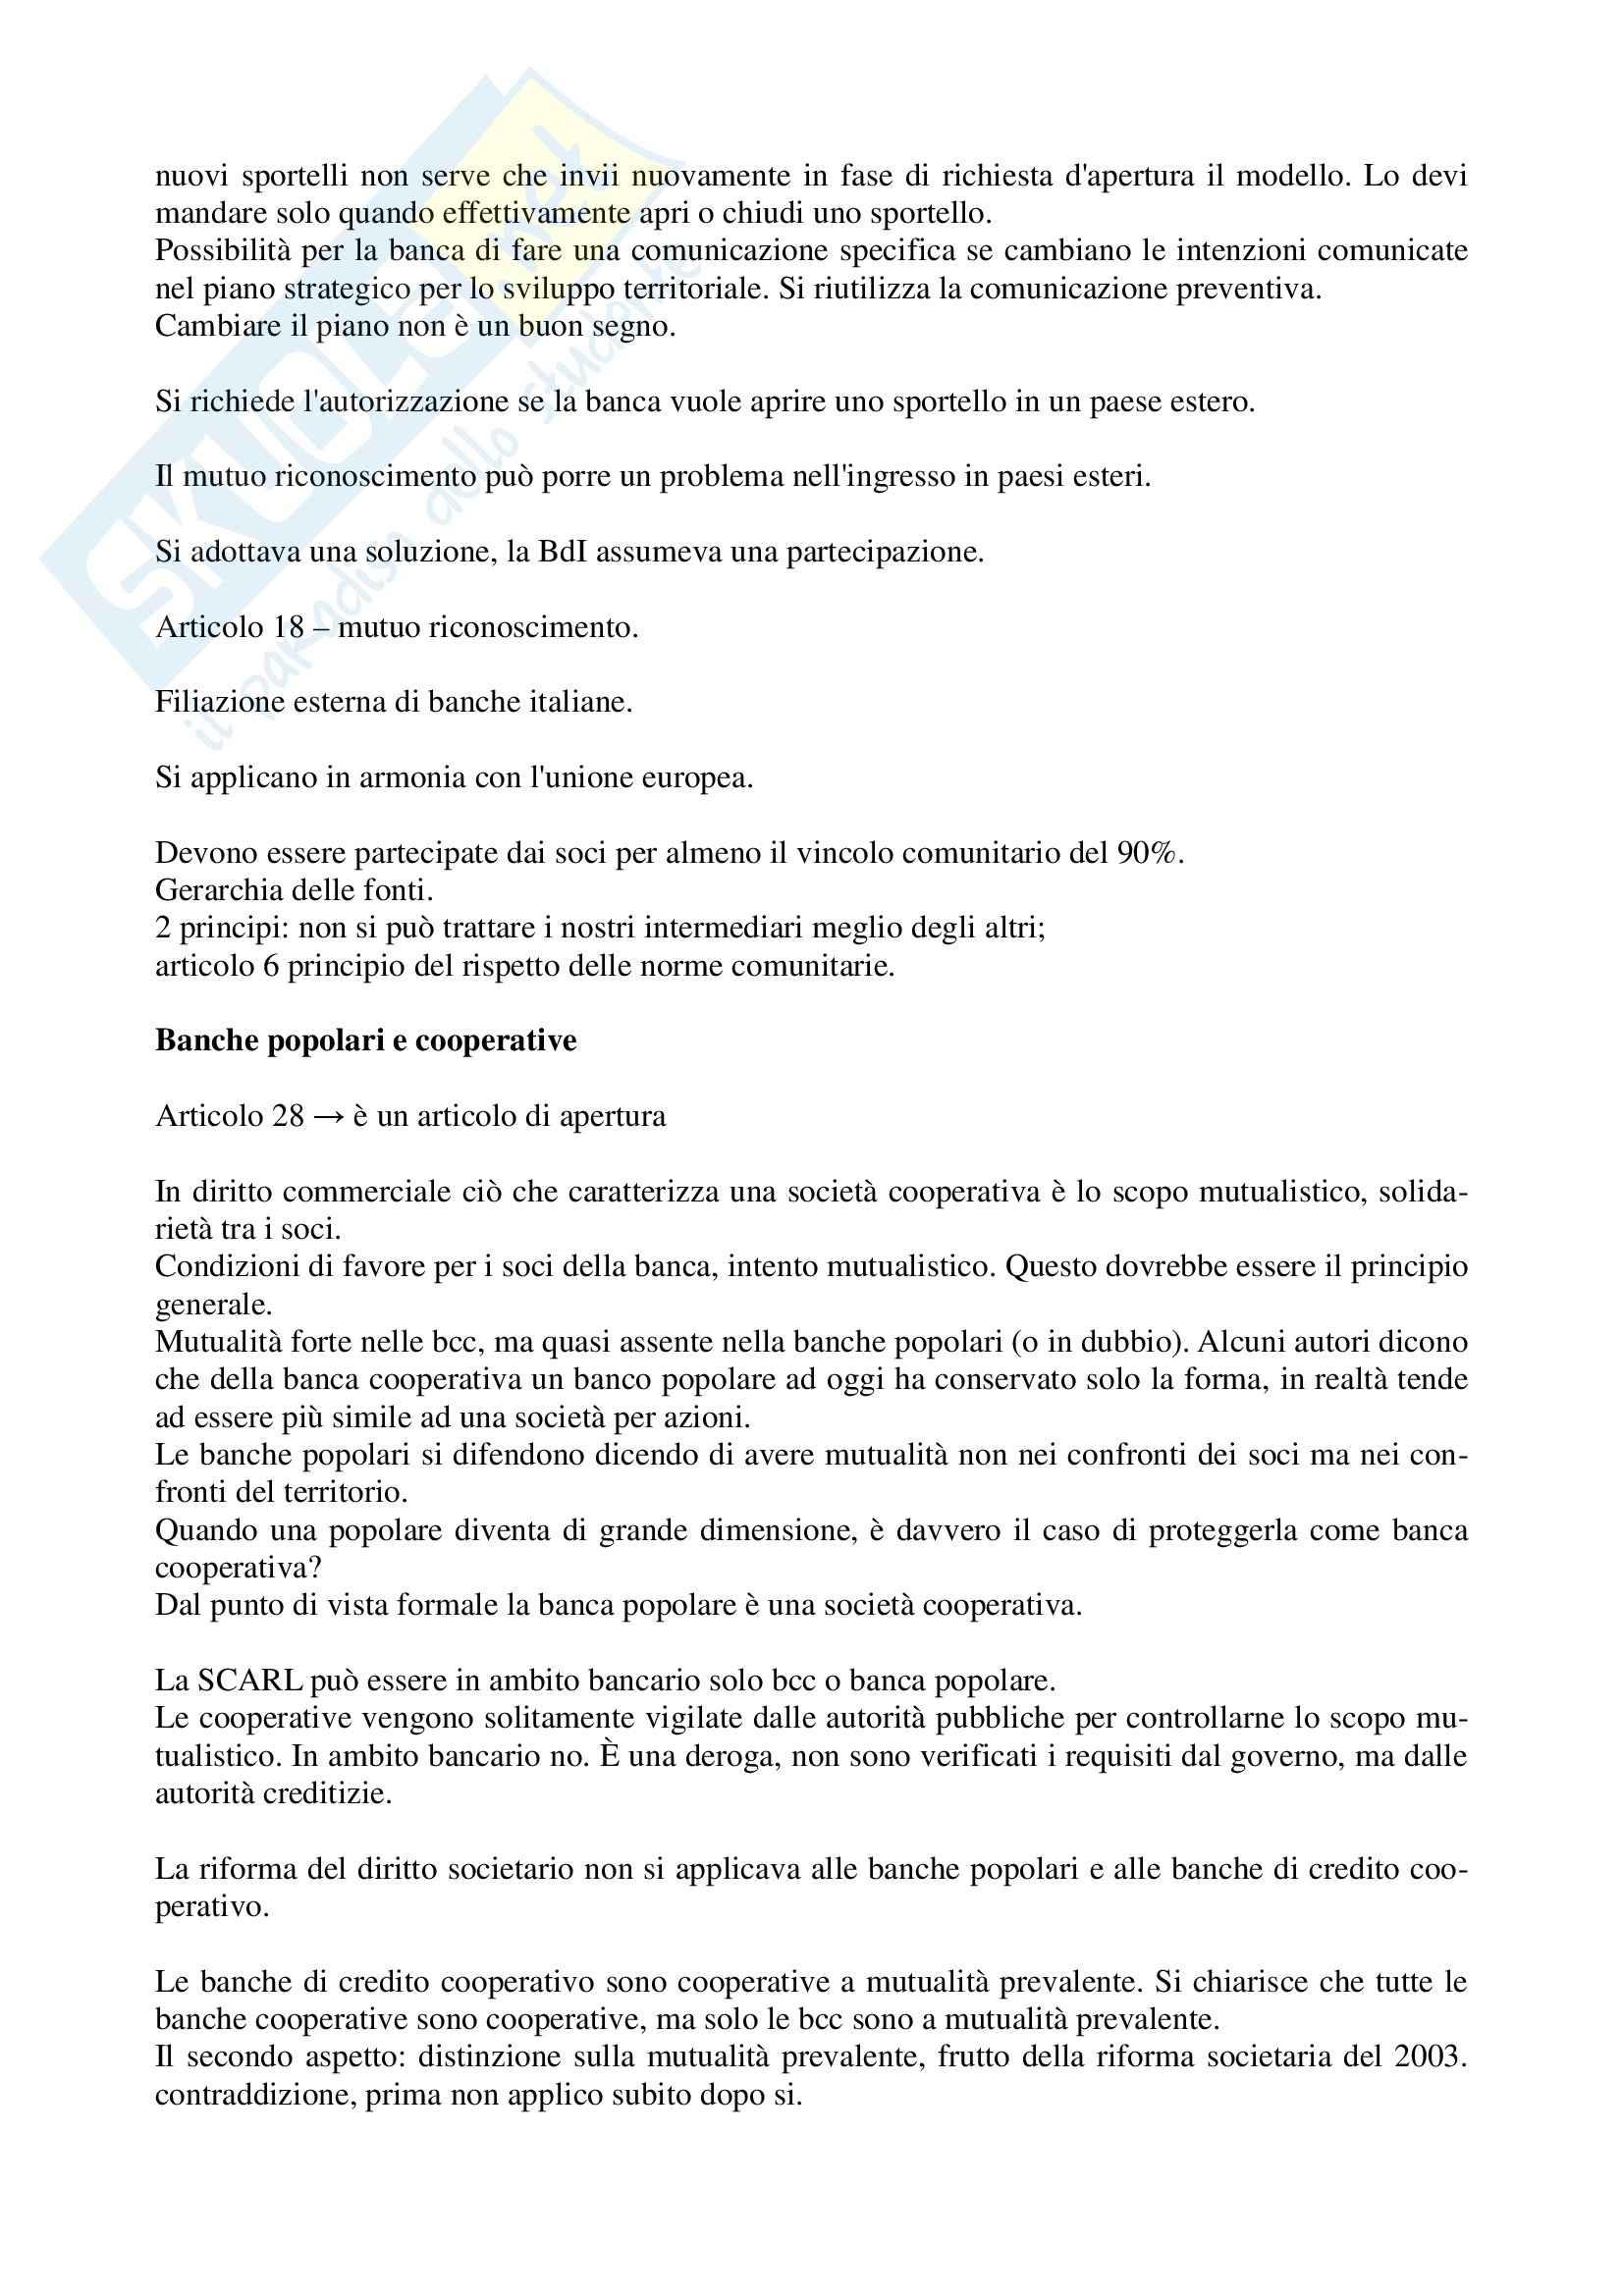 Legislazione bancaria 1 - Appunti parte II Pag. 6